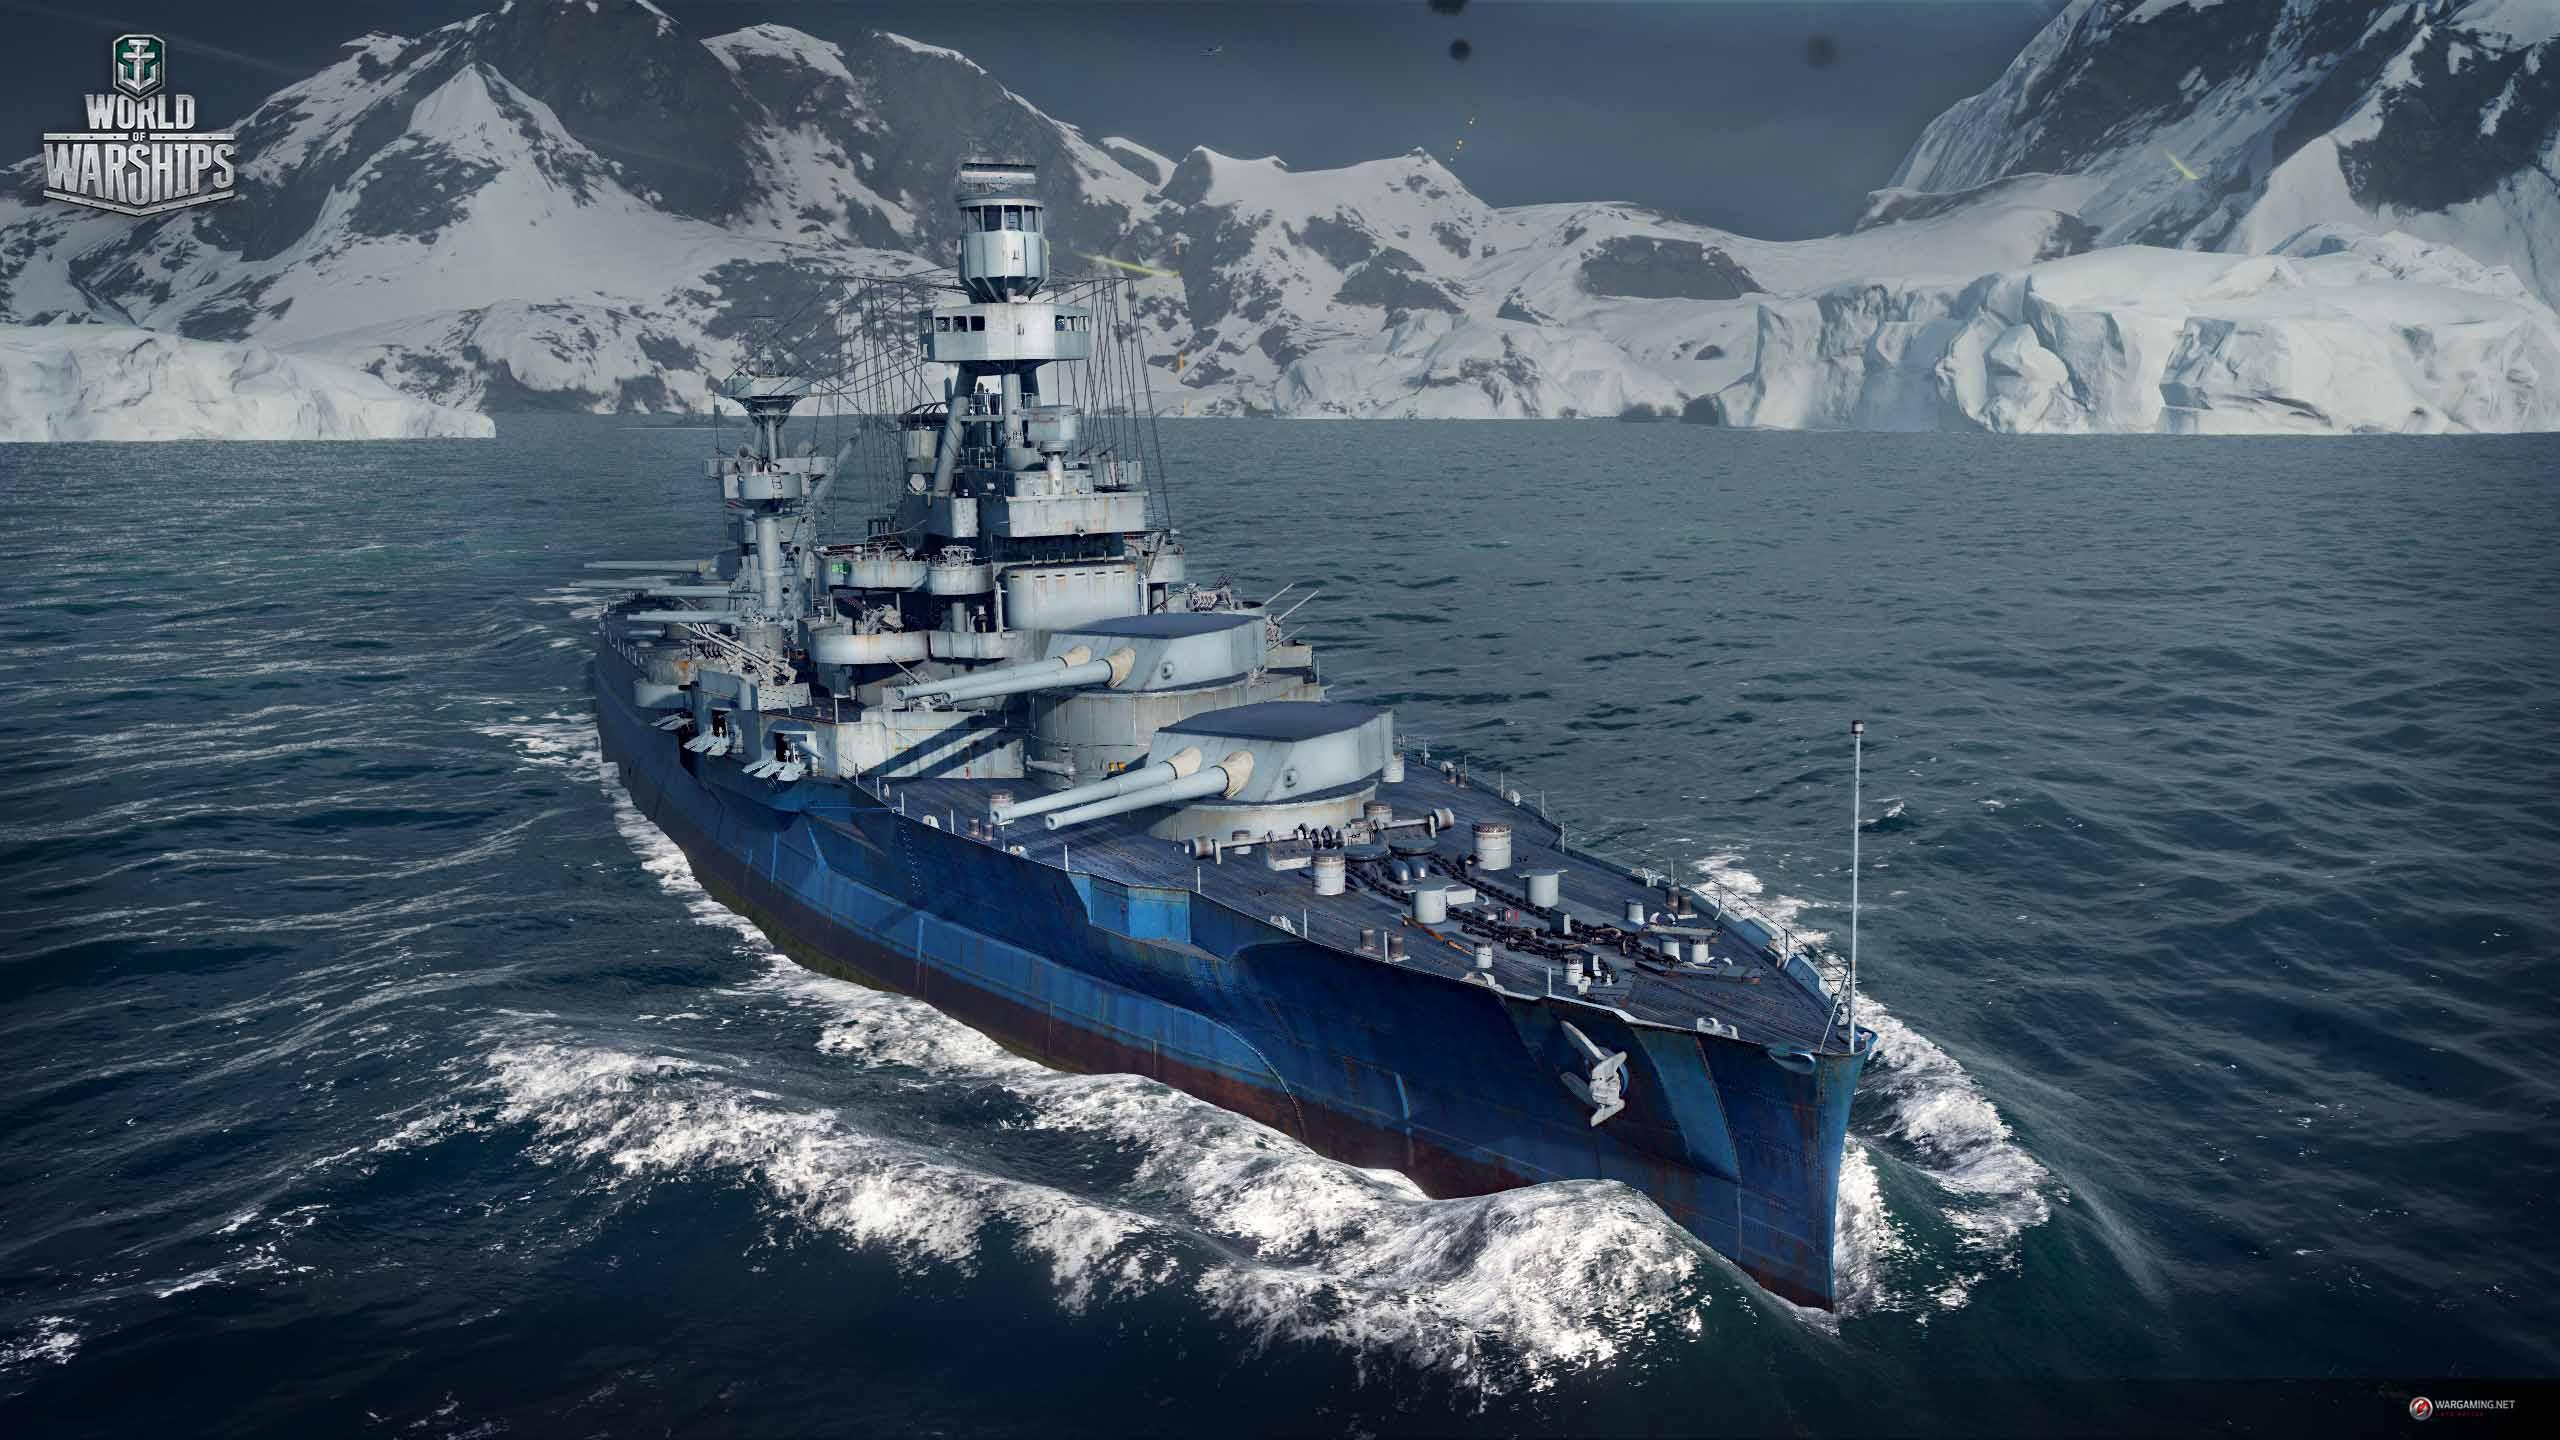 《戰艦世界》全球公開測試正式展開